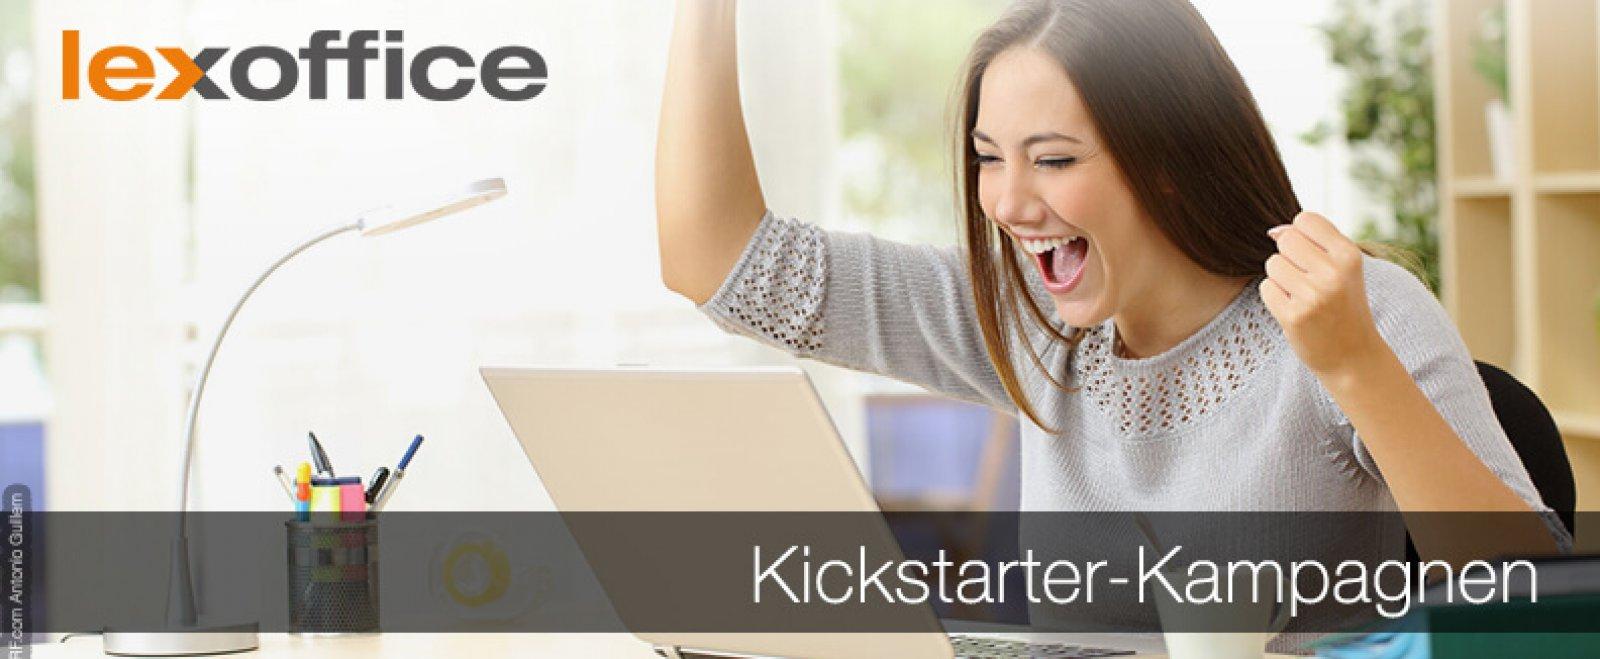 Kickstarter - wie geht das? Crowdfunding für Einsteiger erklärt